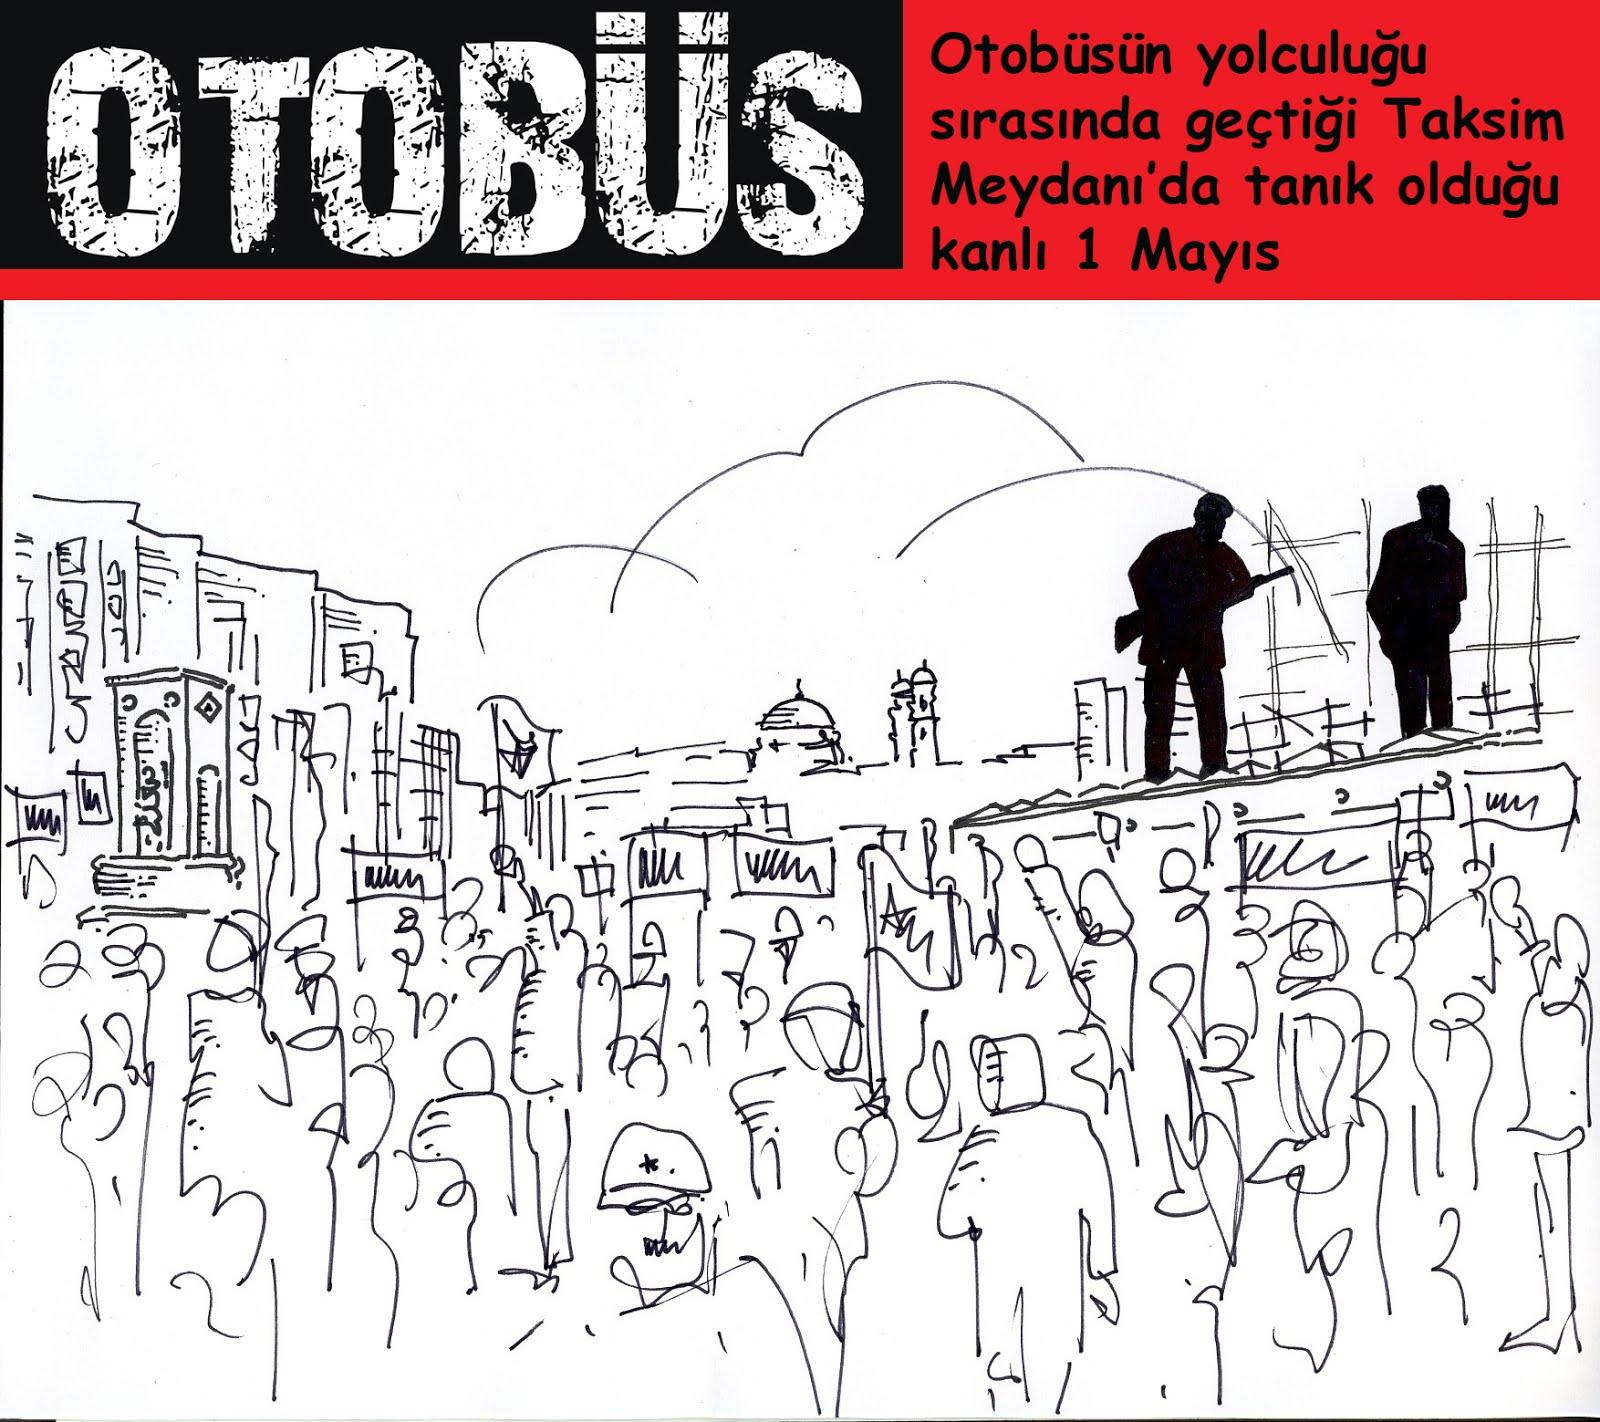 OTOBÜS YOLDA